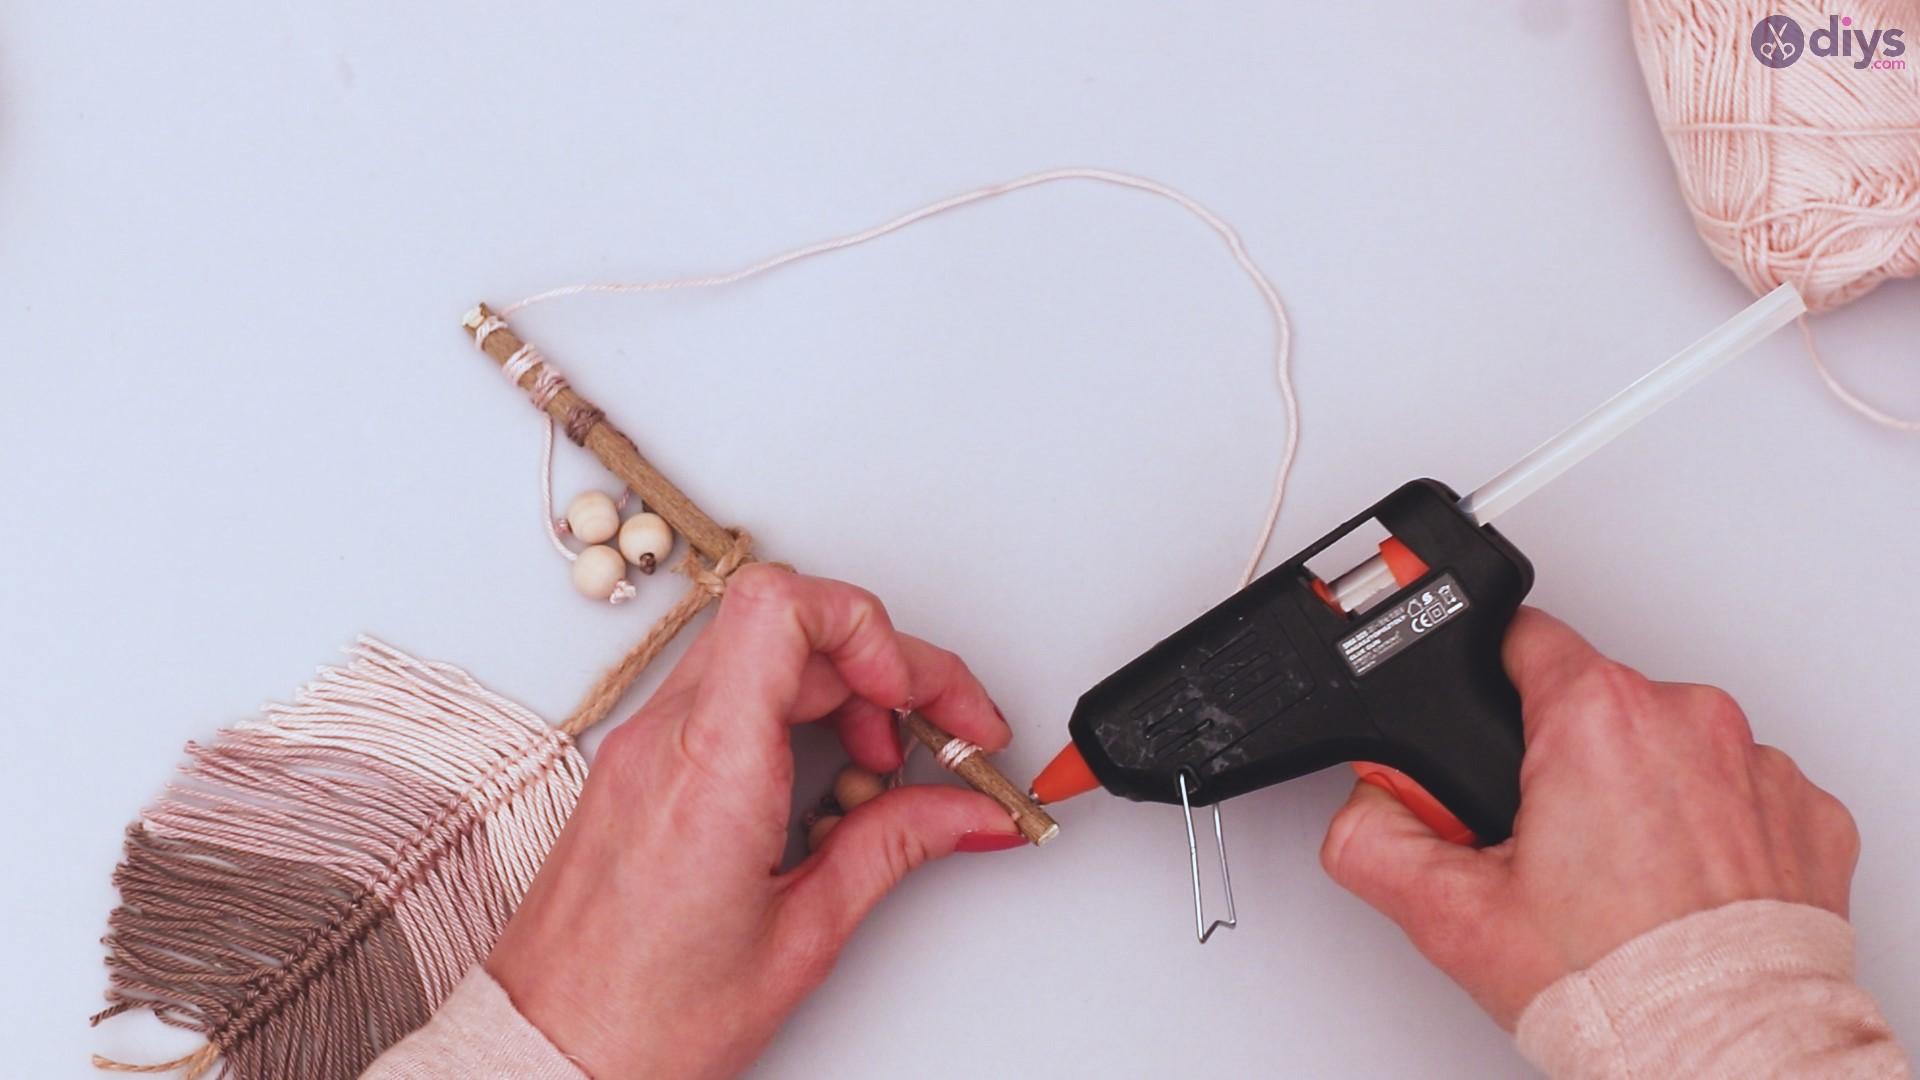 Diy yarn leaf wall decor tutorial (49)